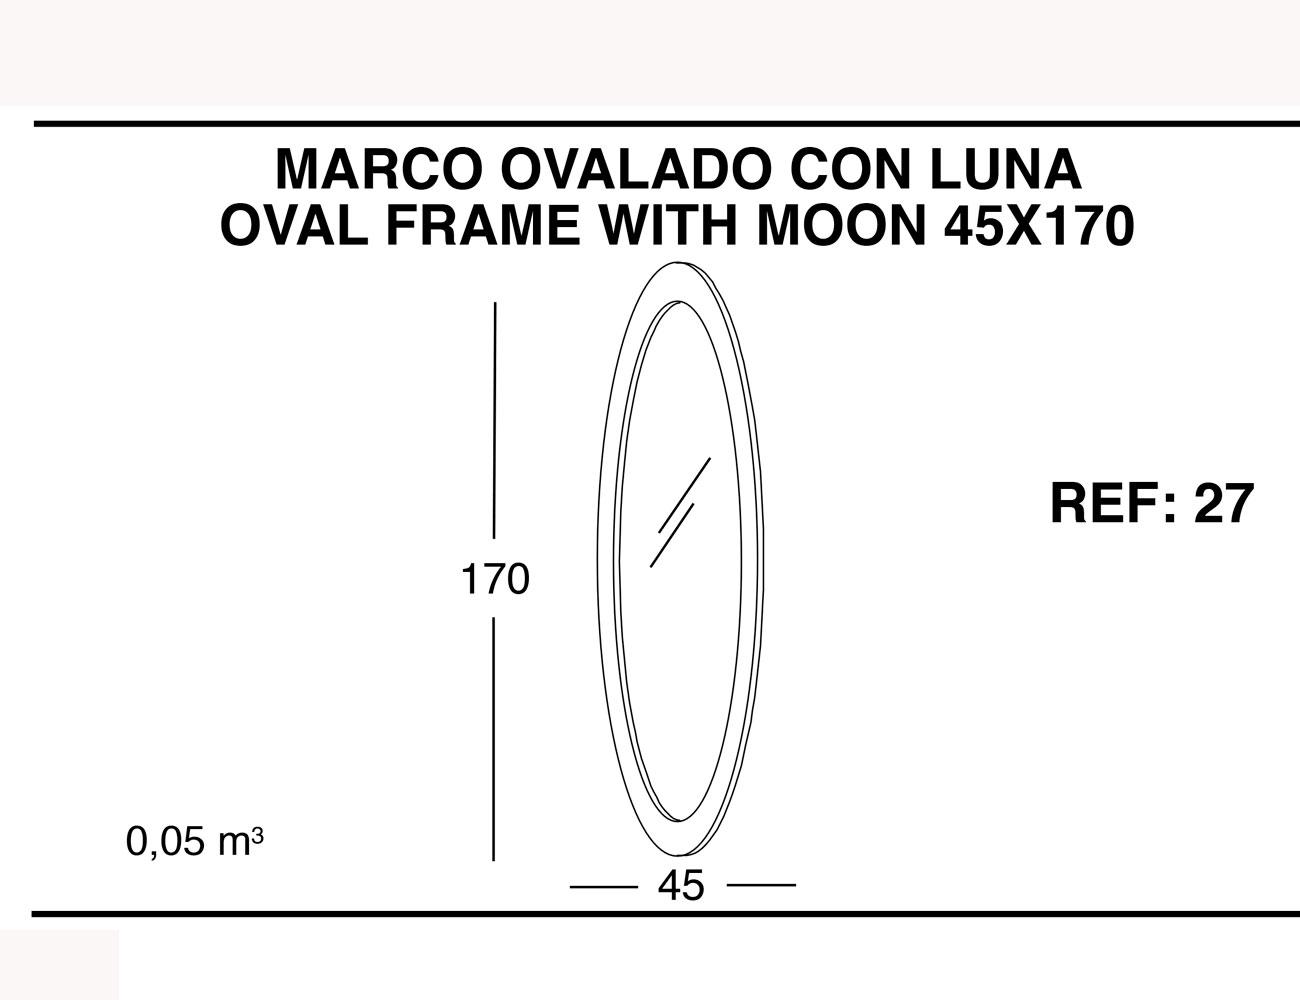 Marco ovalado con luna